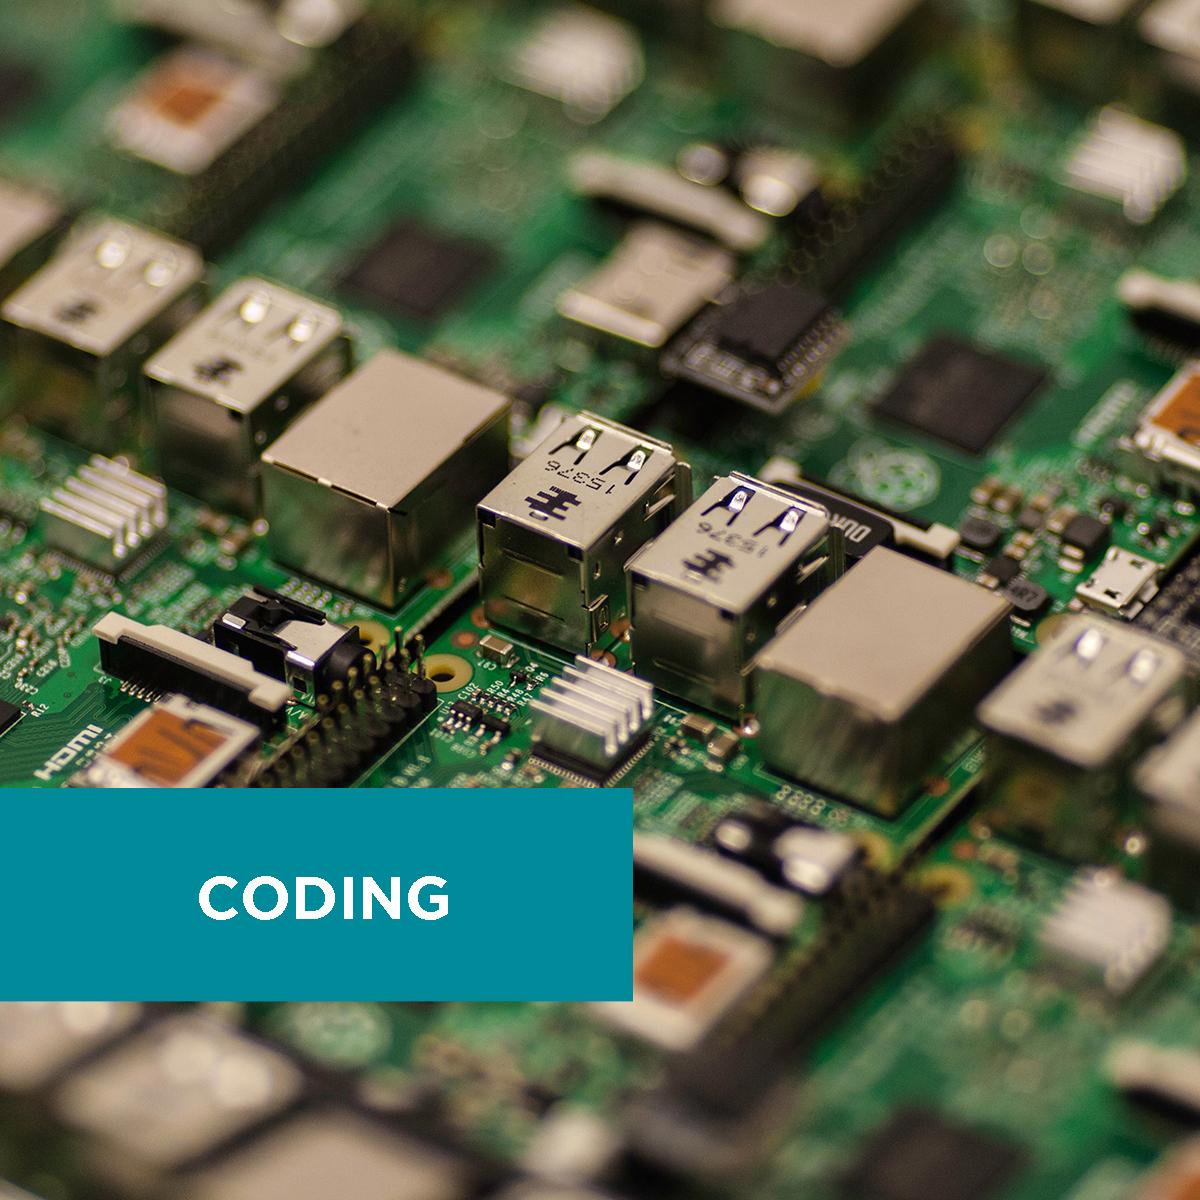 Esperimenti con Raspberry Pi e Sense-Hat: scienza e coding alleati!